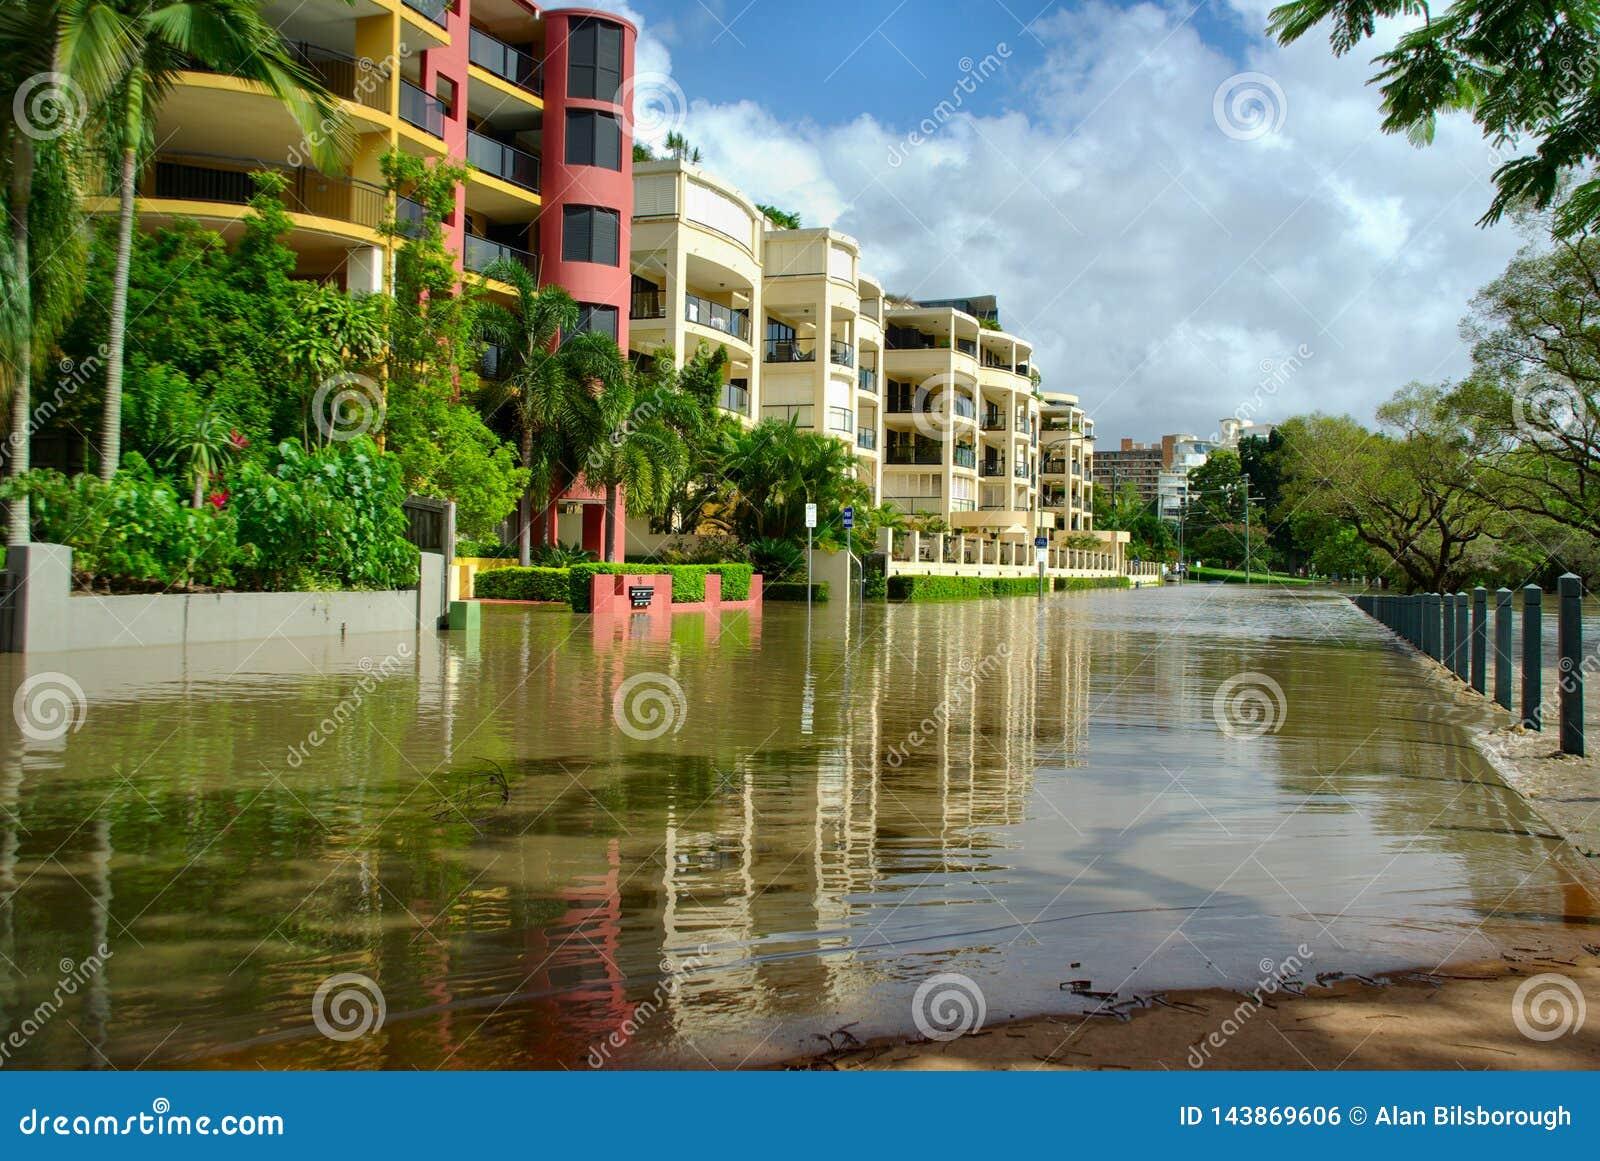 Улица почти совершенно погружена в воду в потоках 2010-11 Брисбена